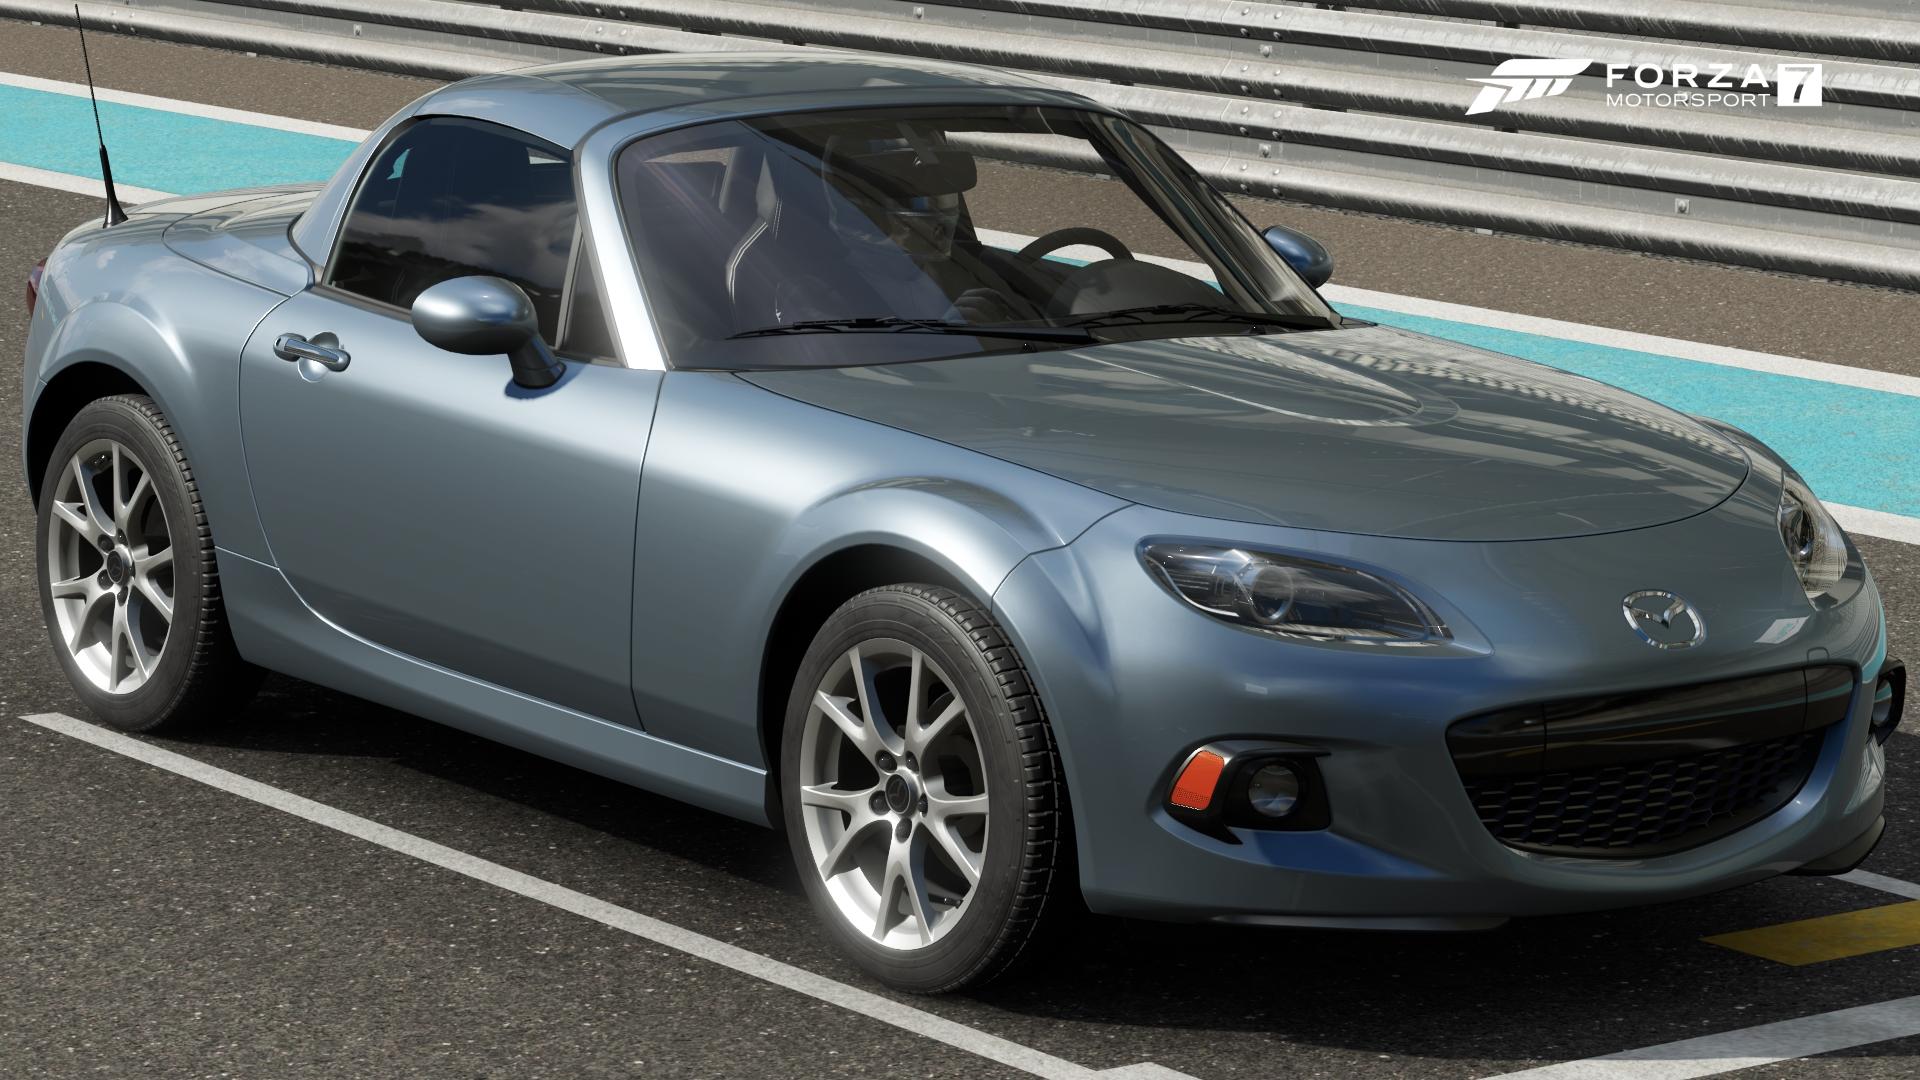 Mazda MX-5 (2013)   Forza Motorsport Wiki   FANDOM powered by Wikia